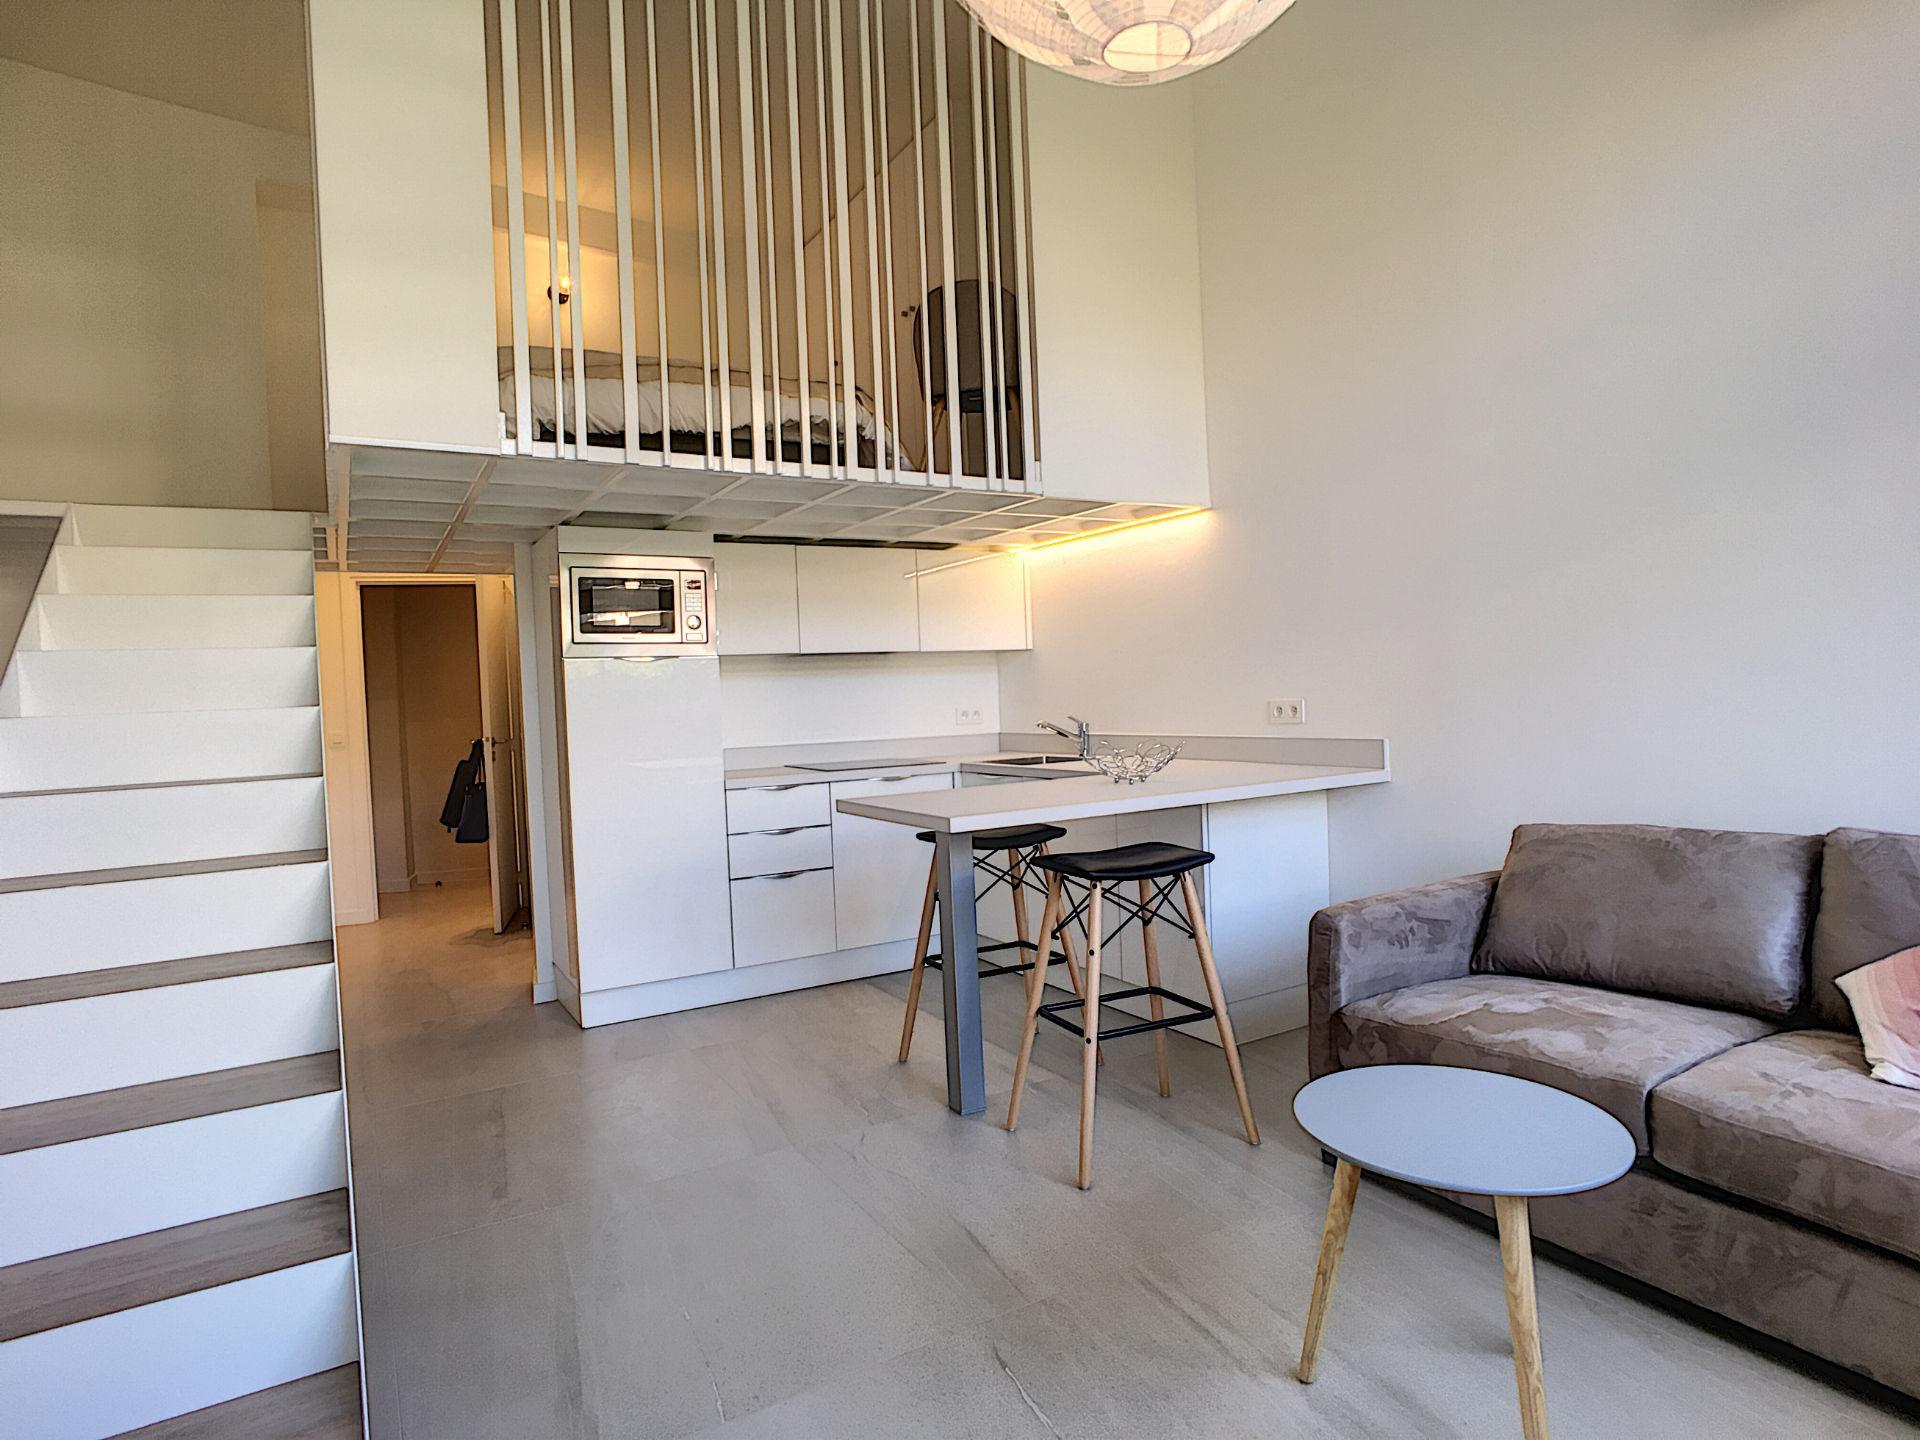 Appartement Saint Laurent Du Var 2 pièces 34,60m2 en rez de ...